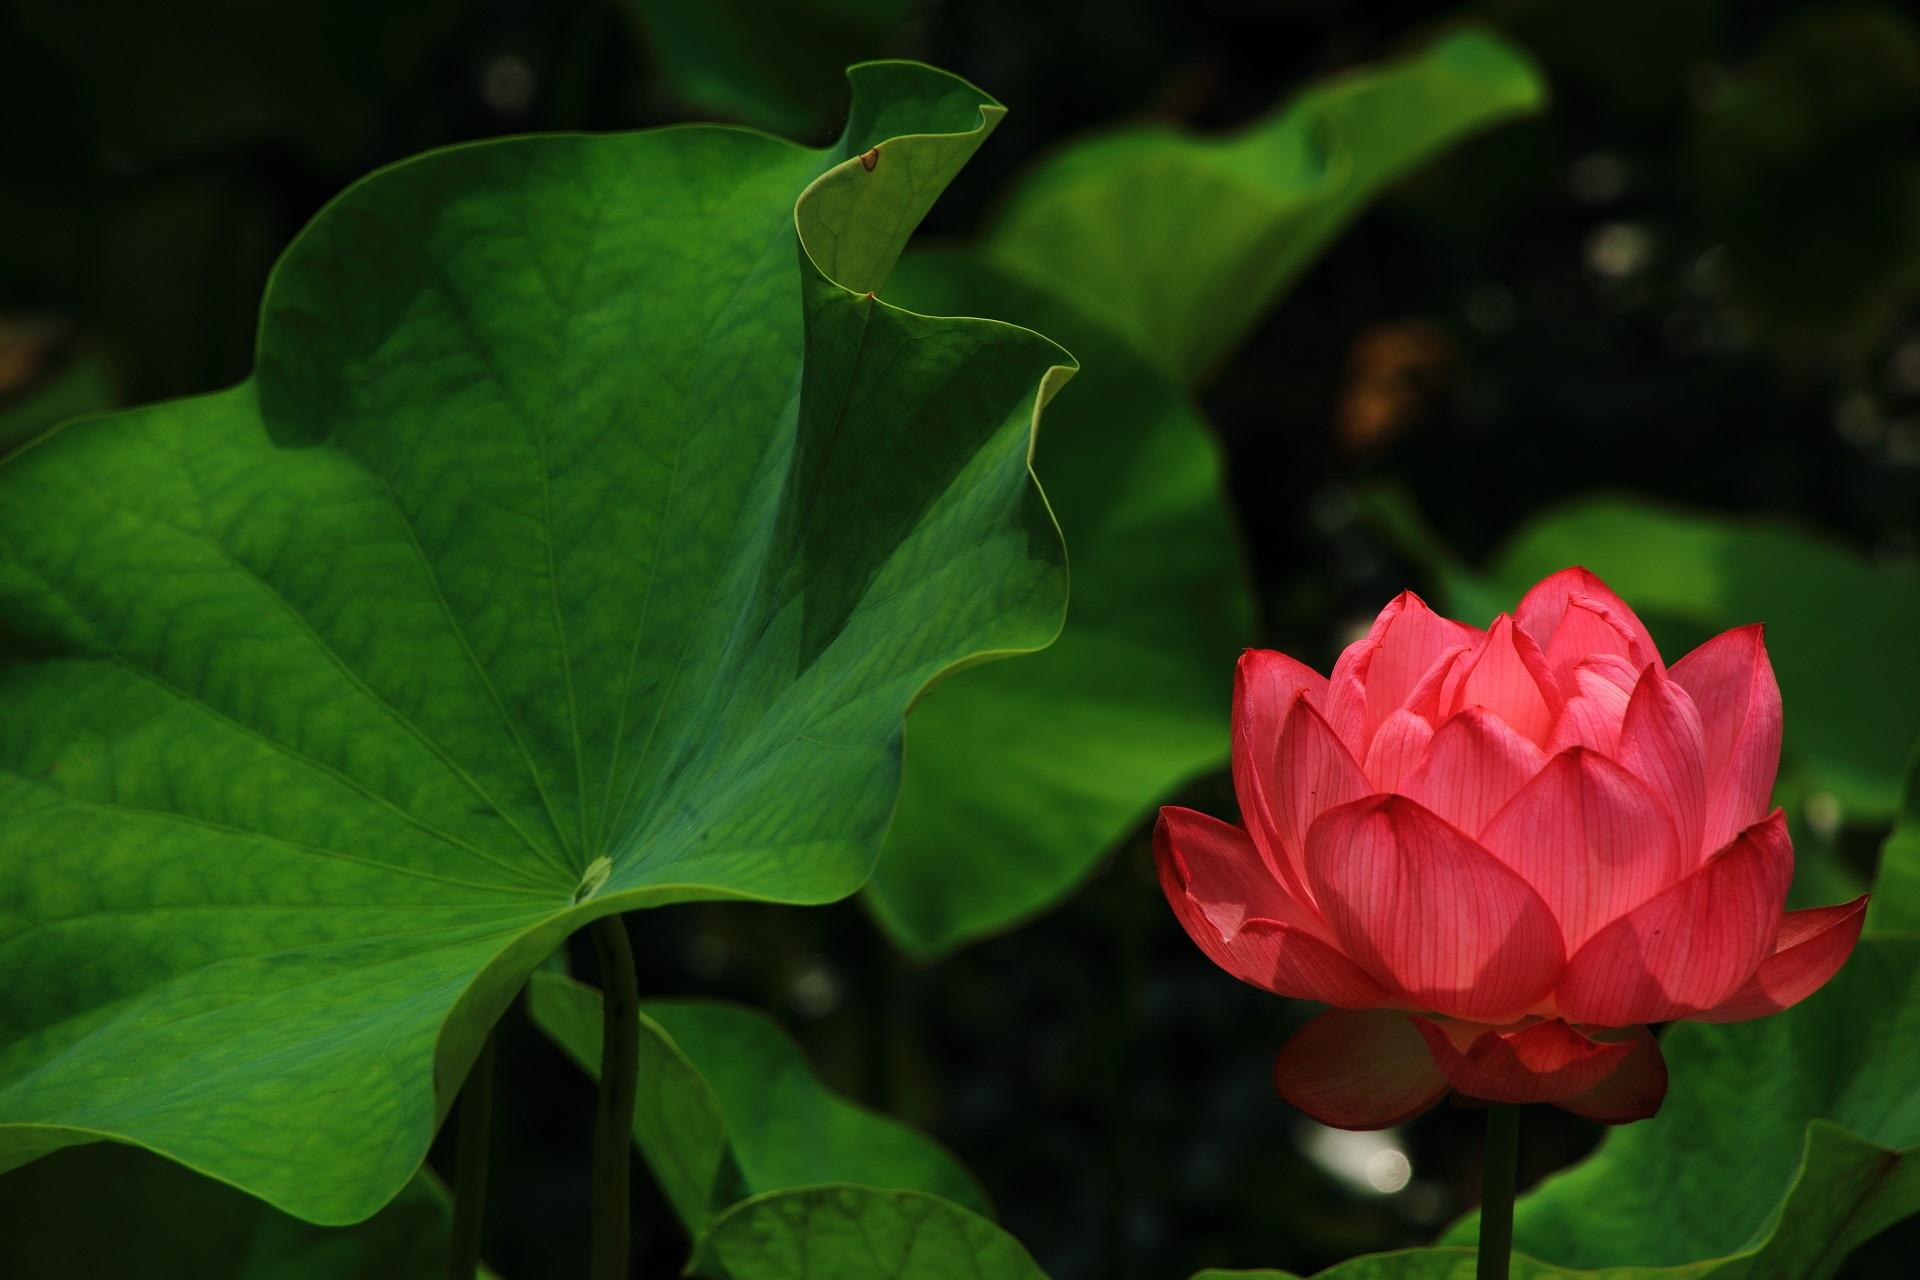 花びらが透き通りそうな綺麗なやや赤っぽいピンクの蓮の花